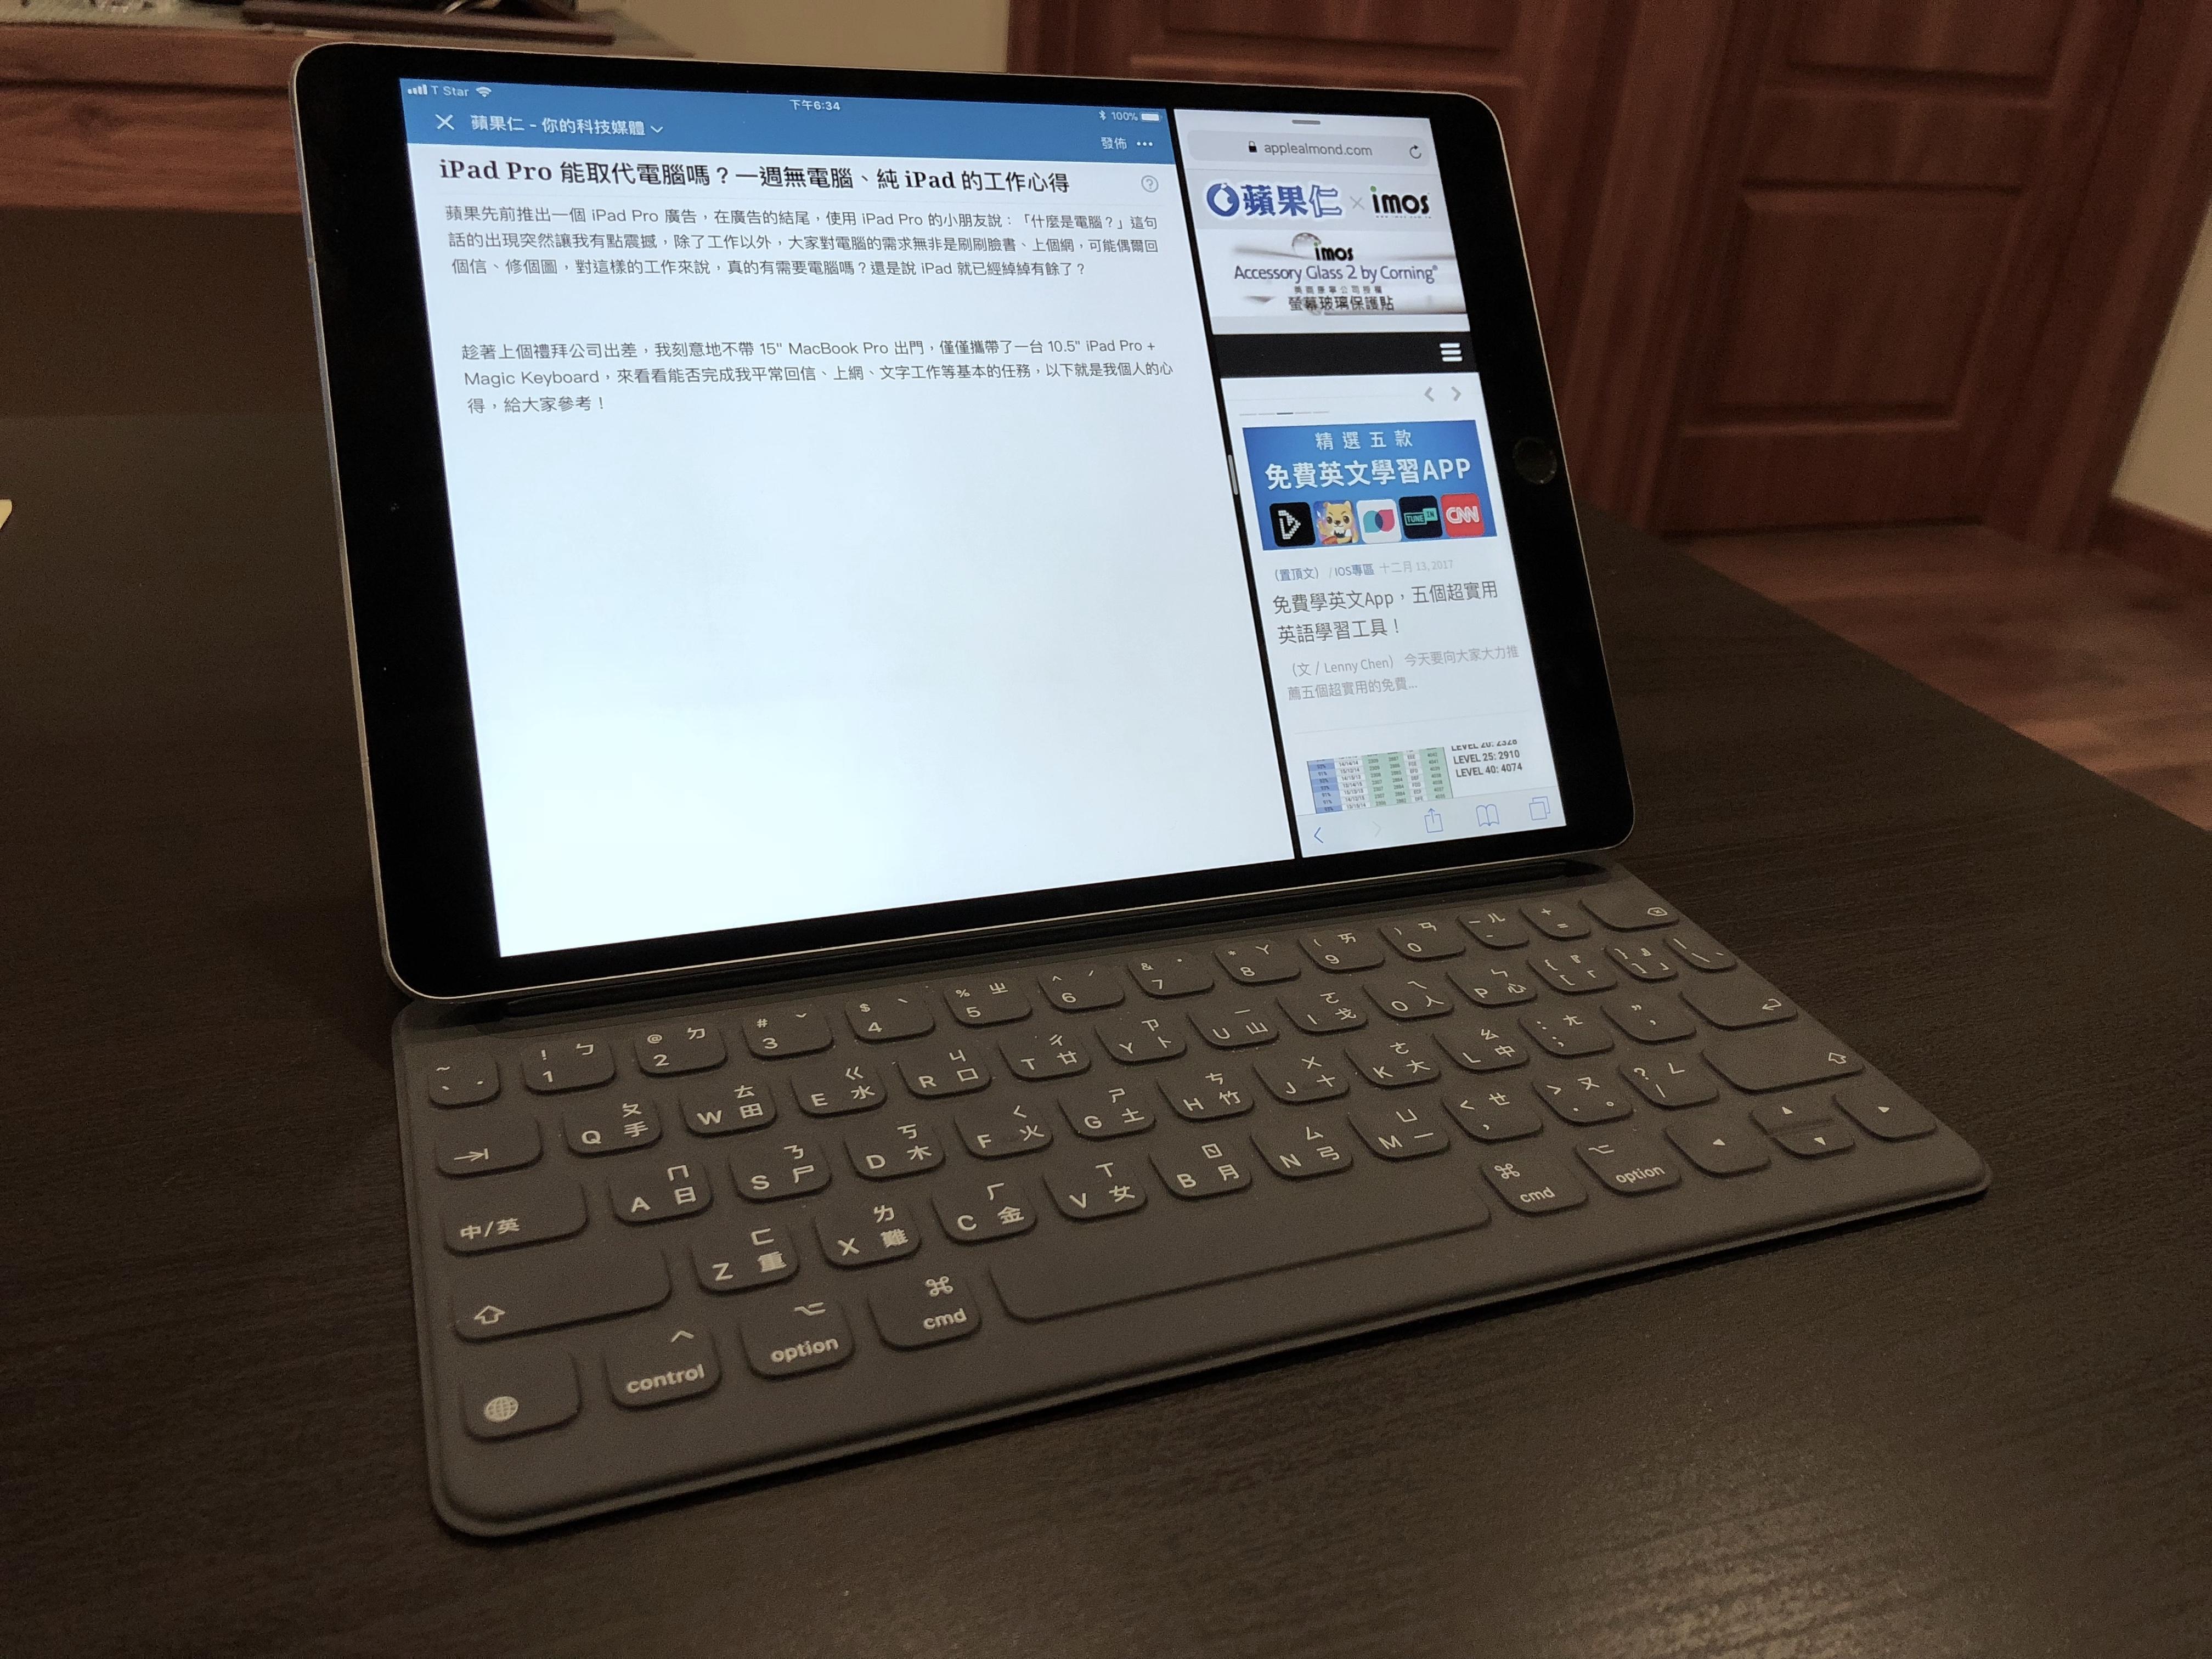 用 iPad 工作